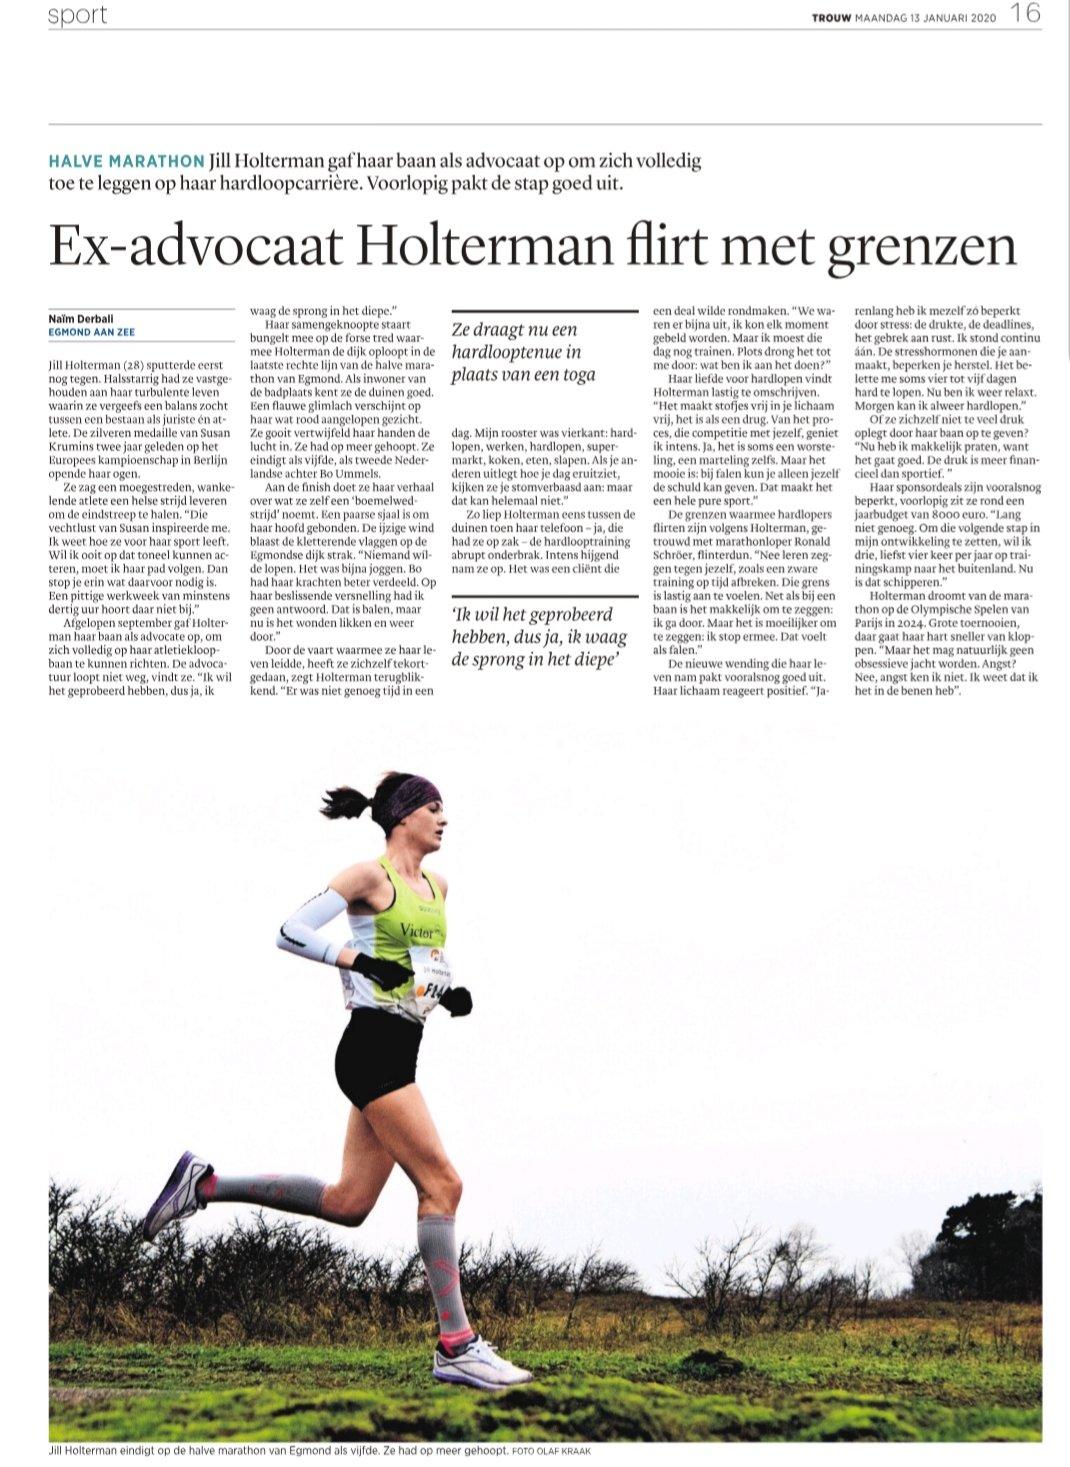 'Ex-advocaat Holterman flirt met grenzen'